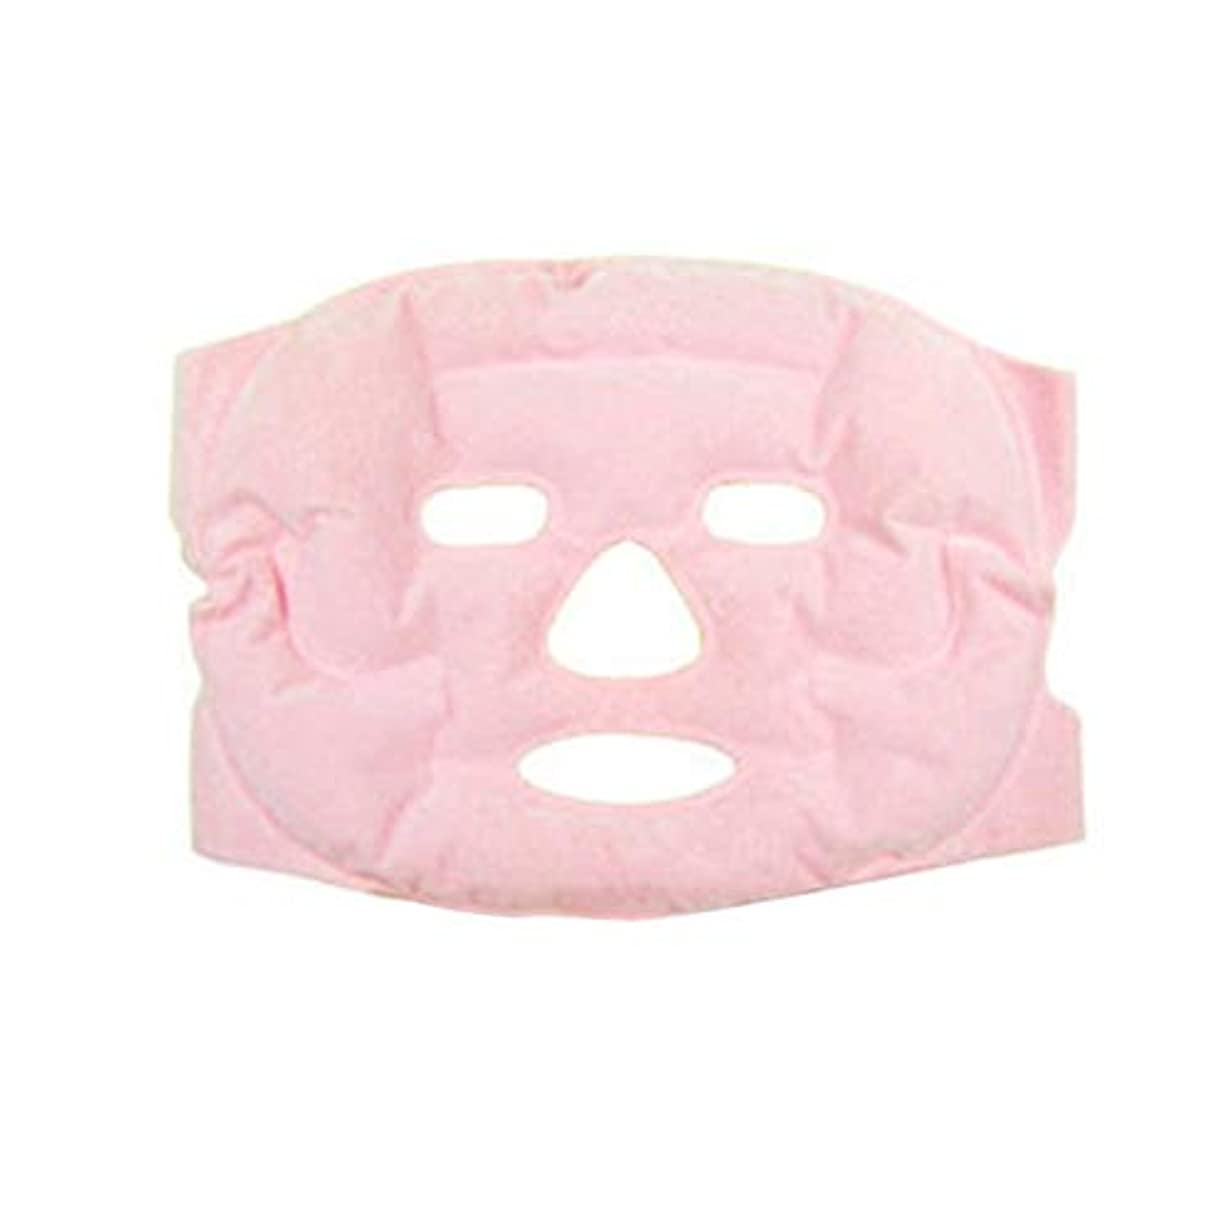 エアコンに対応地元DeeploveUU 快適な美容フェイスリフトマスクトルマリン磁気療法マッサージアンチリンクルモイスチャライジングヘルスケアフェイスマスク